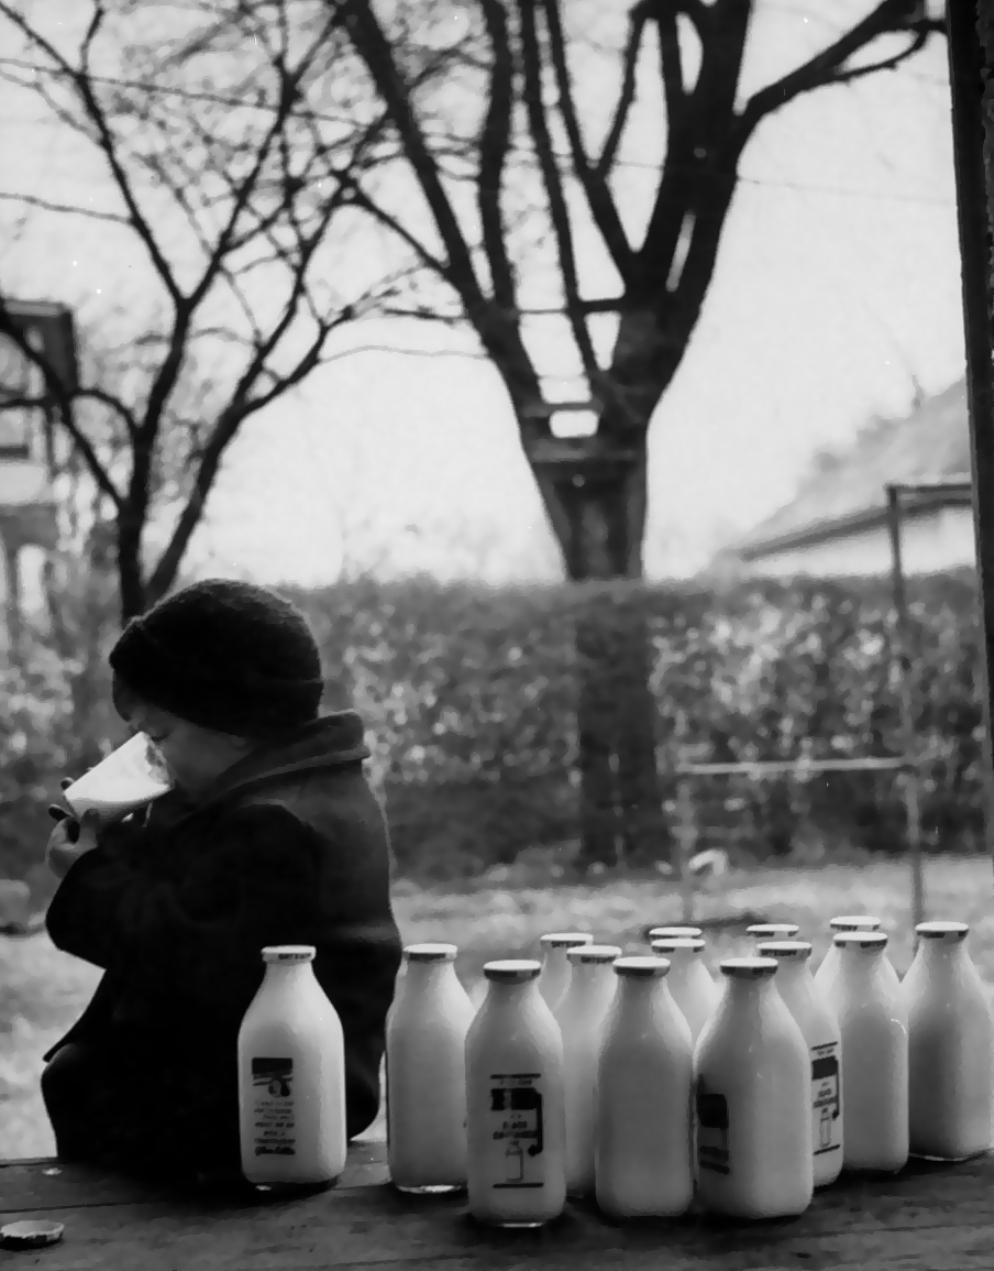 Шедевры от мастеров уличной фотографии: реальная жизнь в каждом снимке 1 18